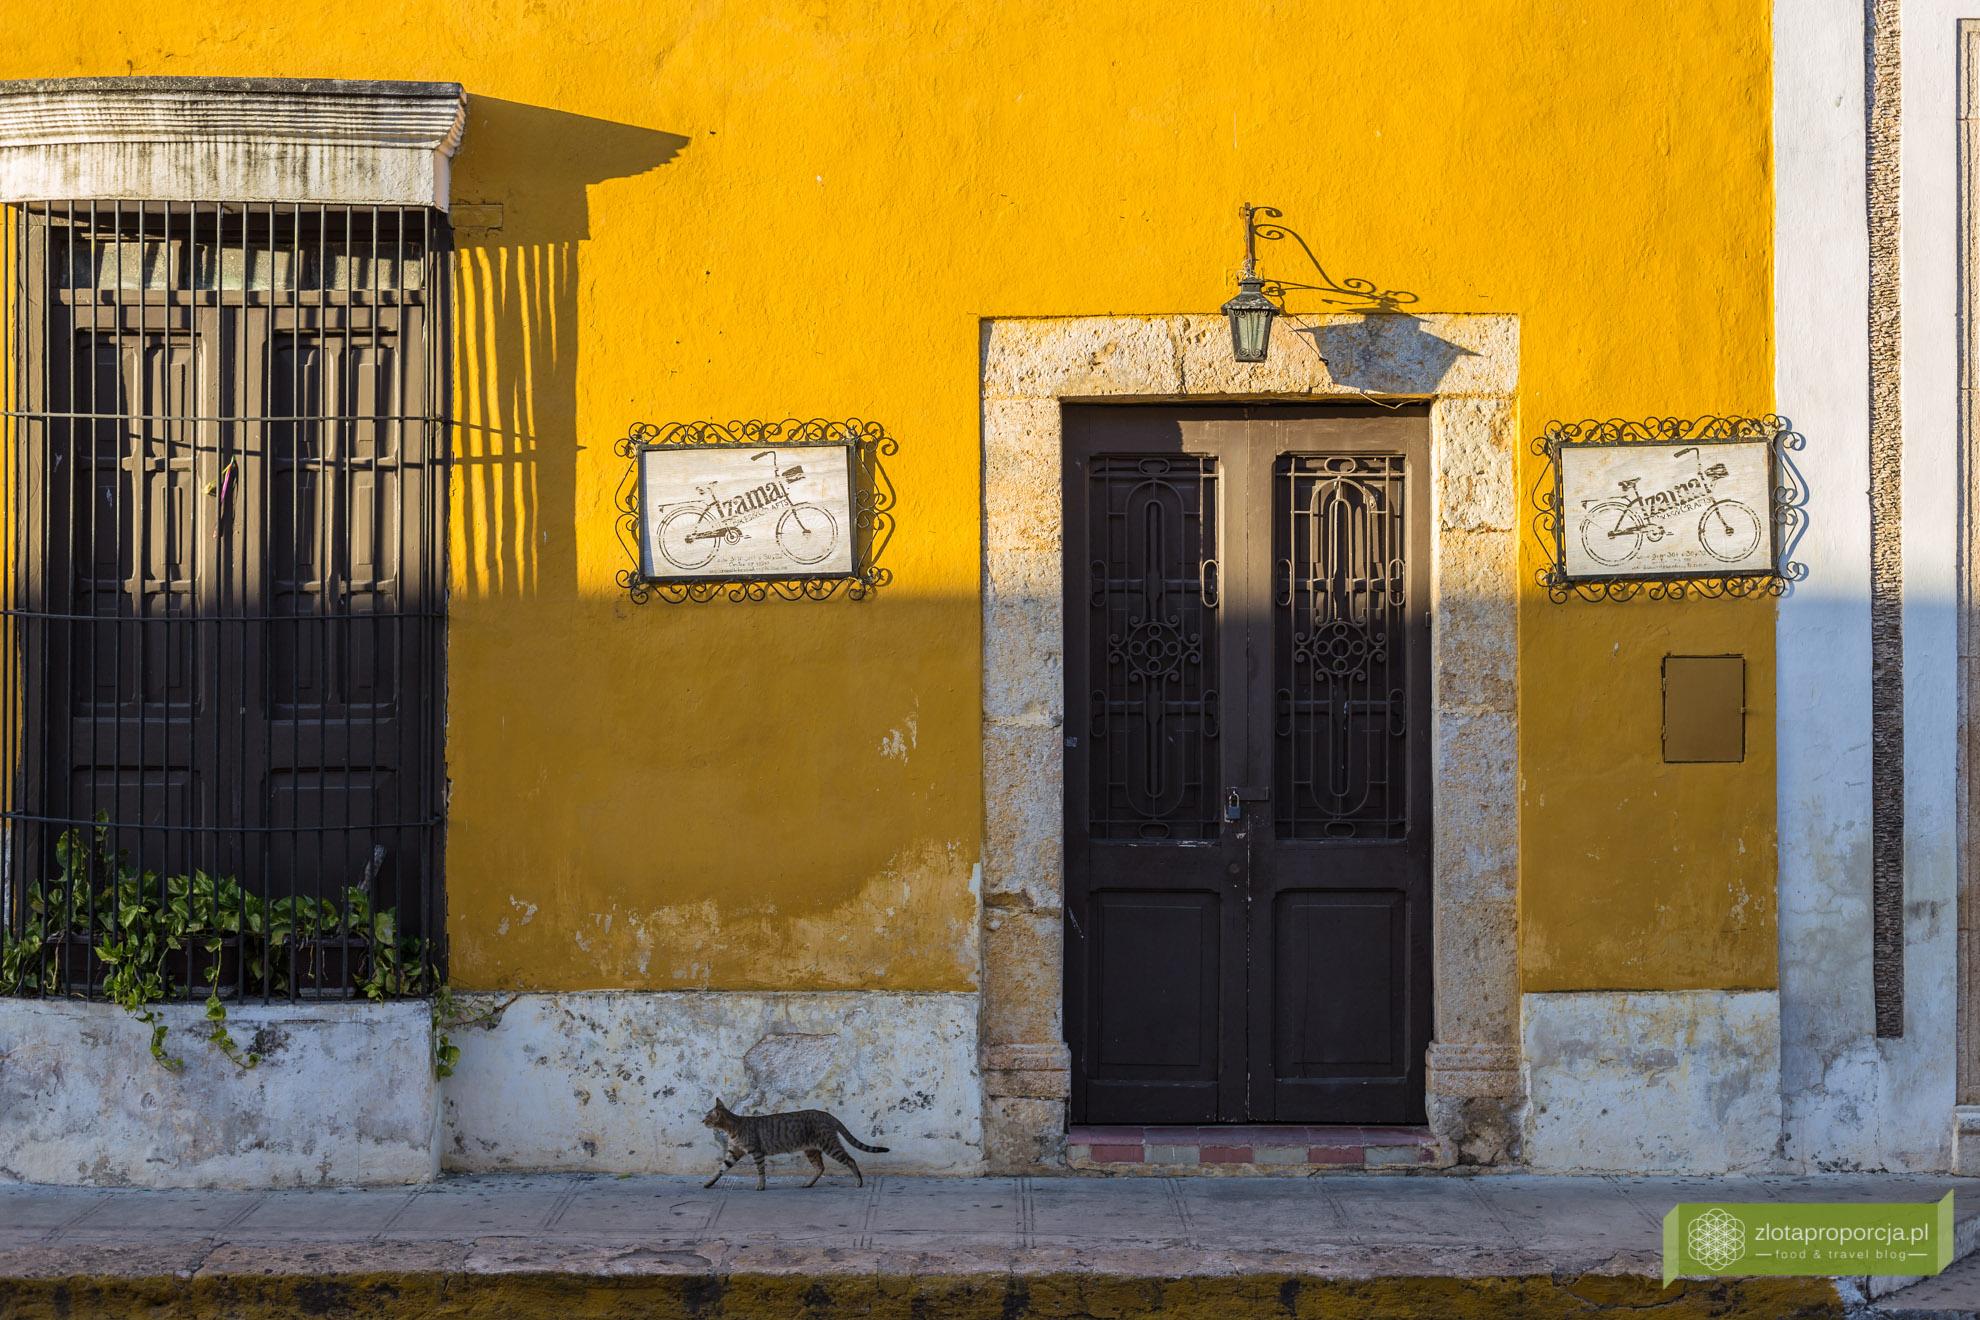 Izamal, żółte miasto, Jukatan, Jukatan atrakcje, Meksyk